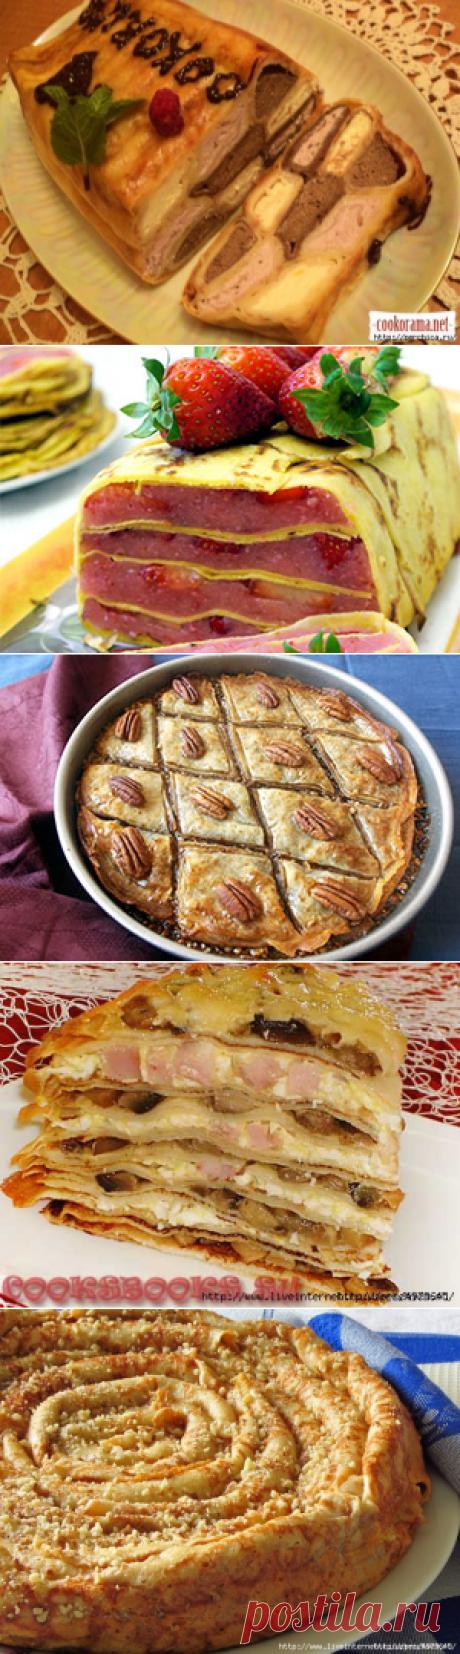 Блинные торты и пироги с разными начинками- огромная подборка к праздникам